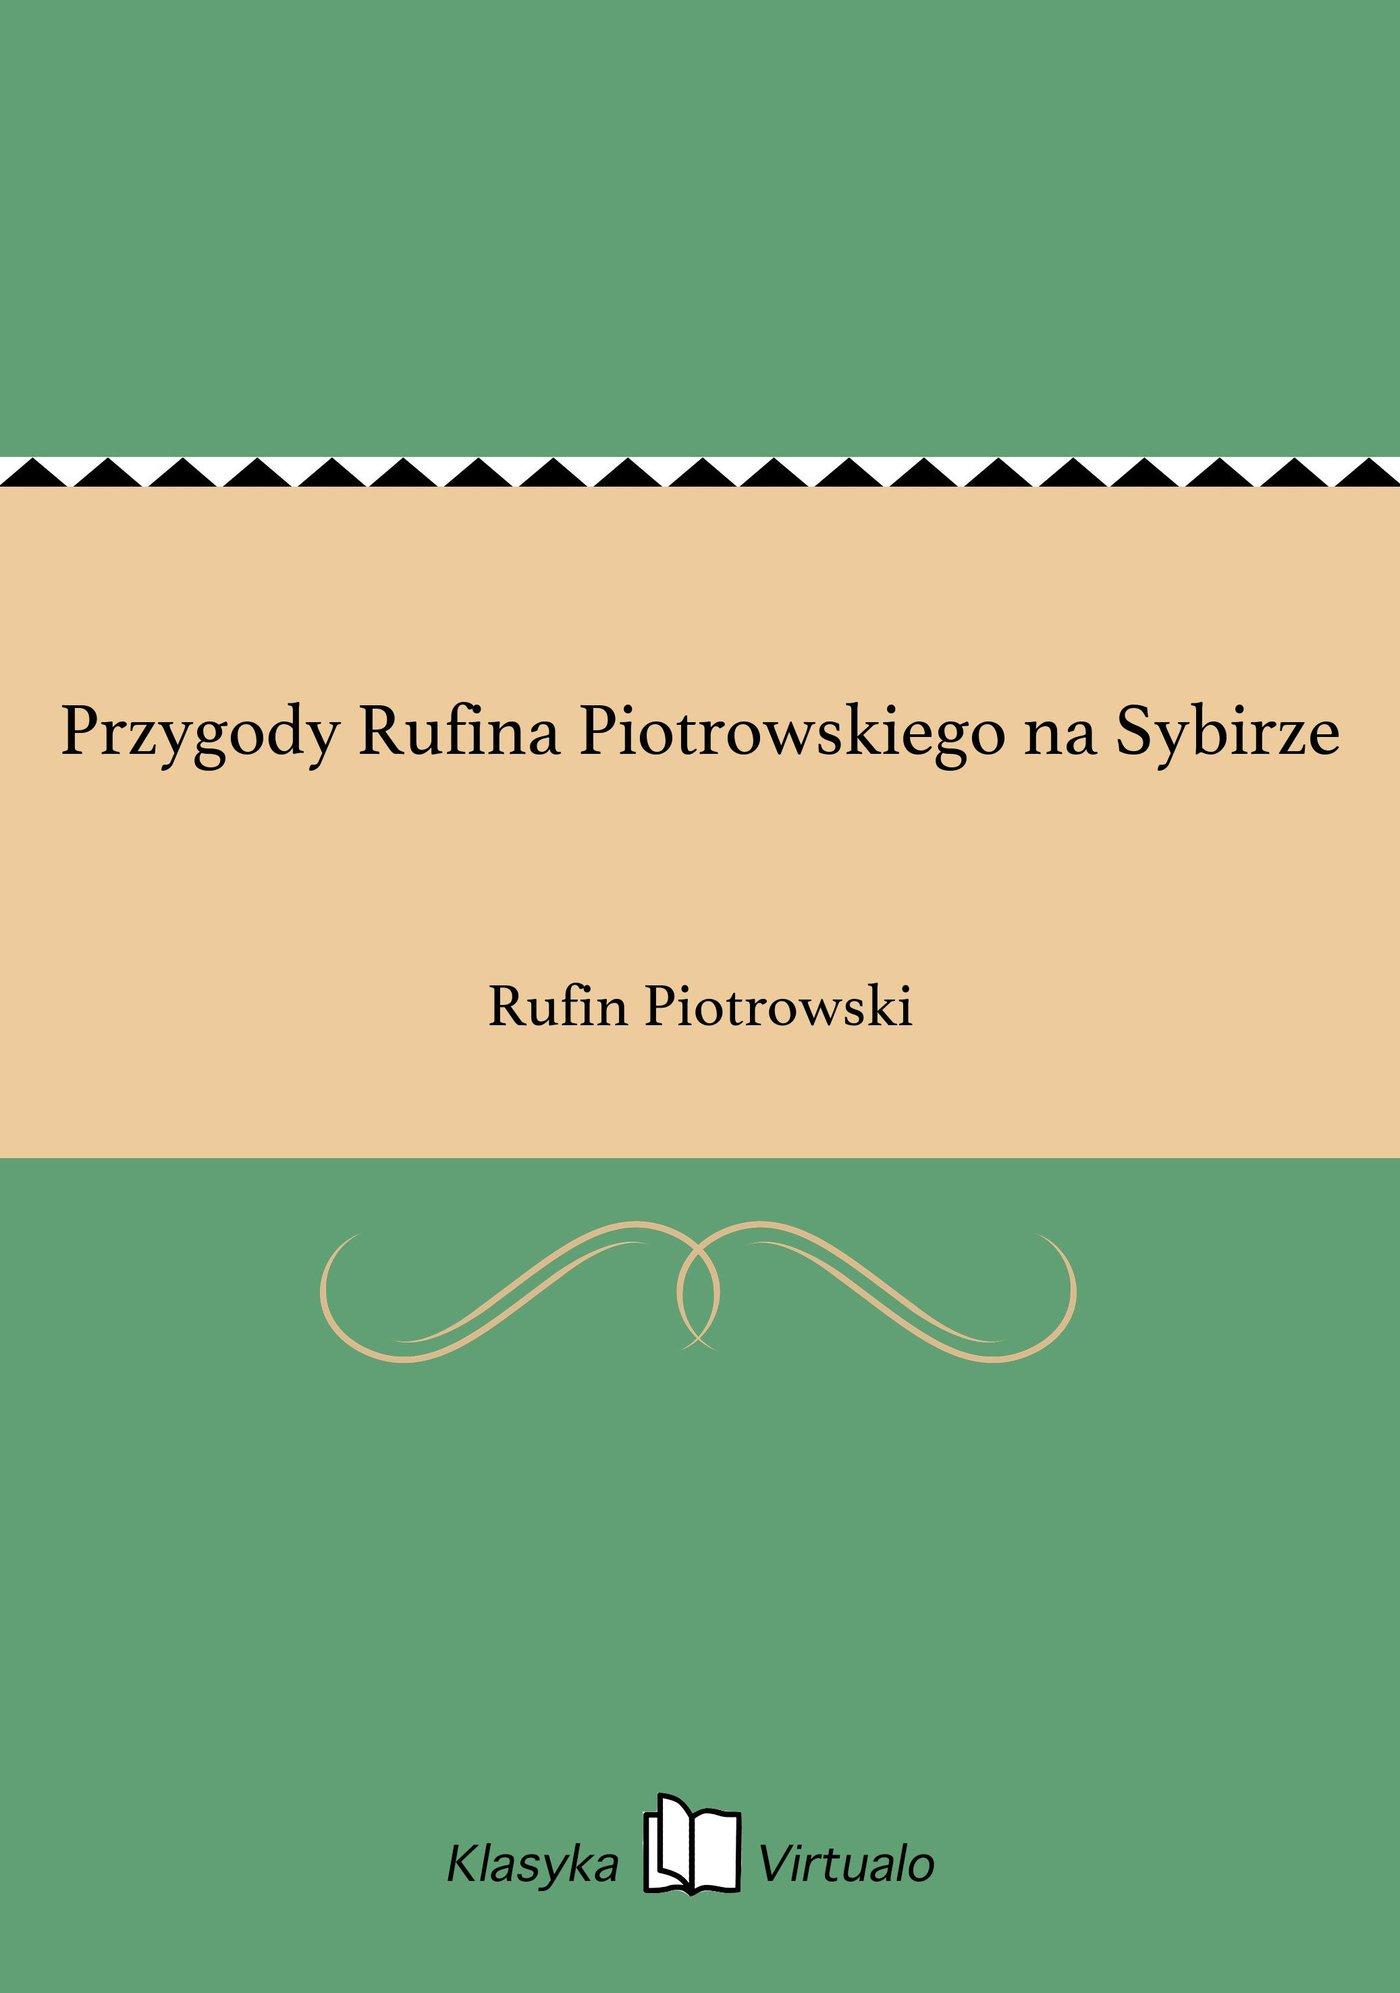 Przygody Rufina Piotrowskiego na Sybirze - Ebook (Książka EPUB) do pobrania w formacie EPUB